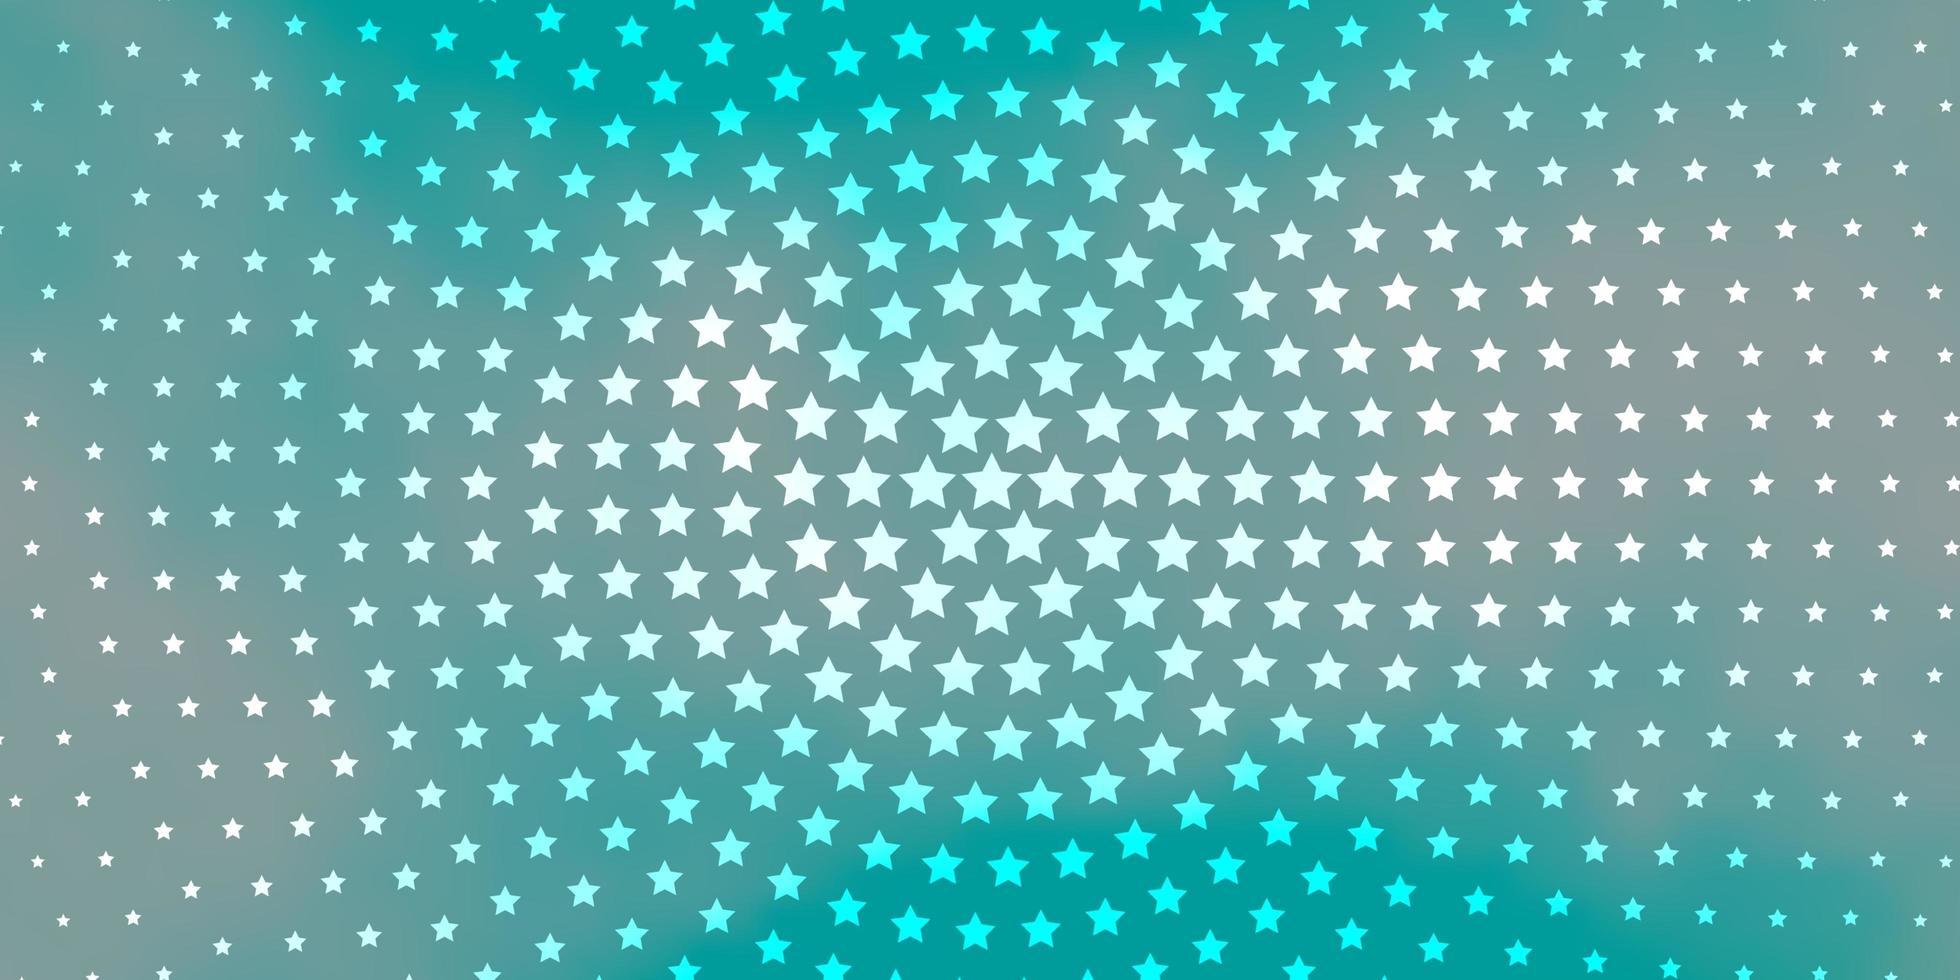 blå bakgrund med färgglada stjärnor. vektor